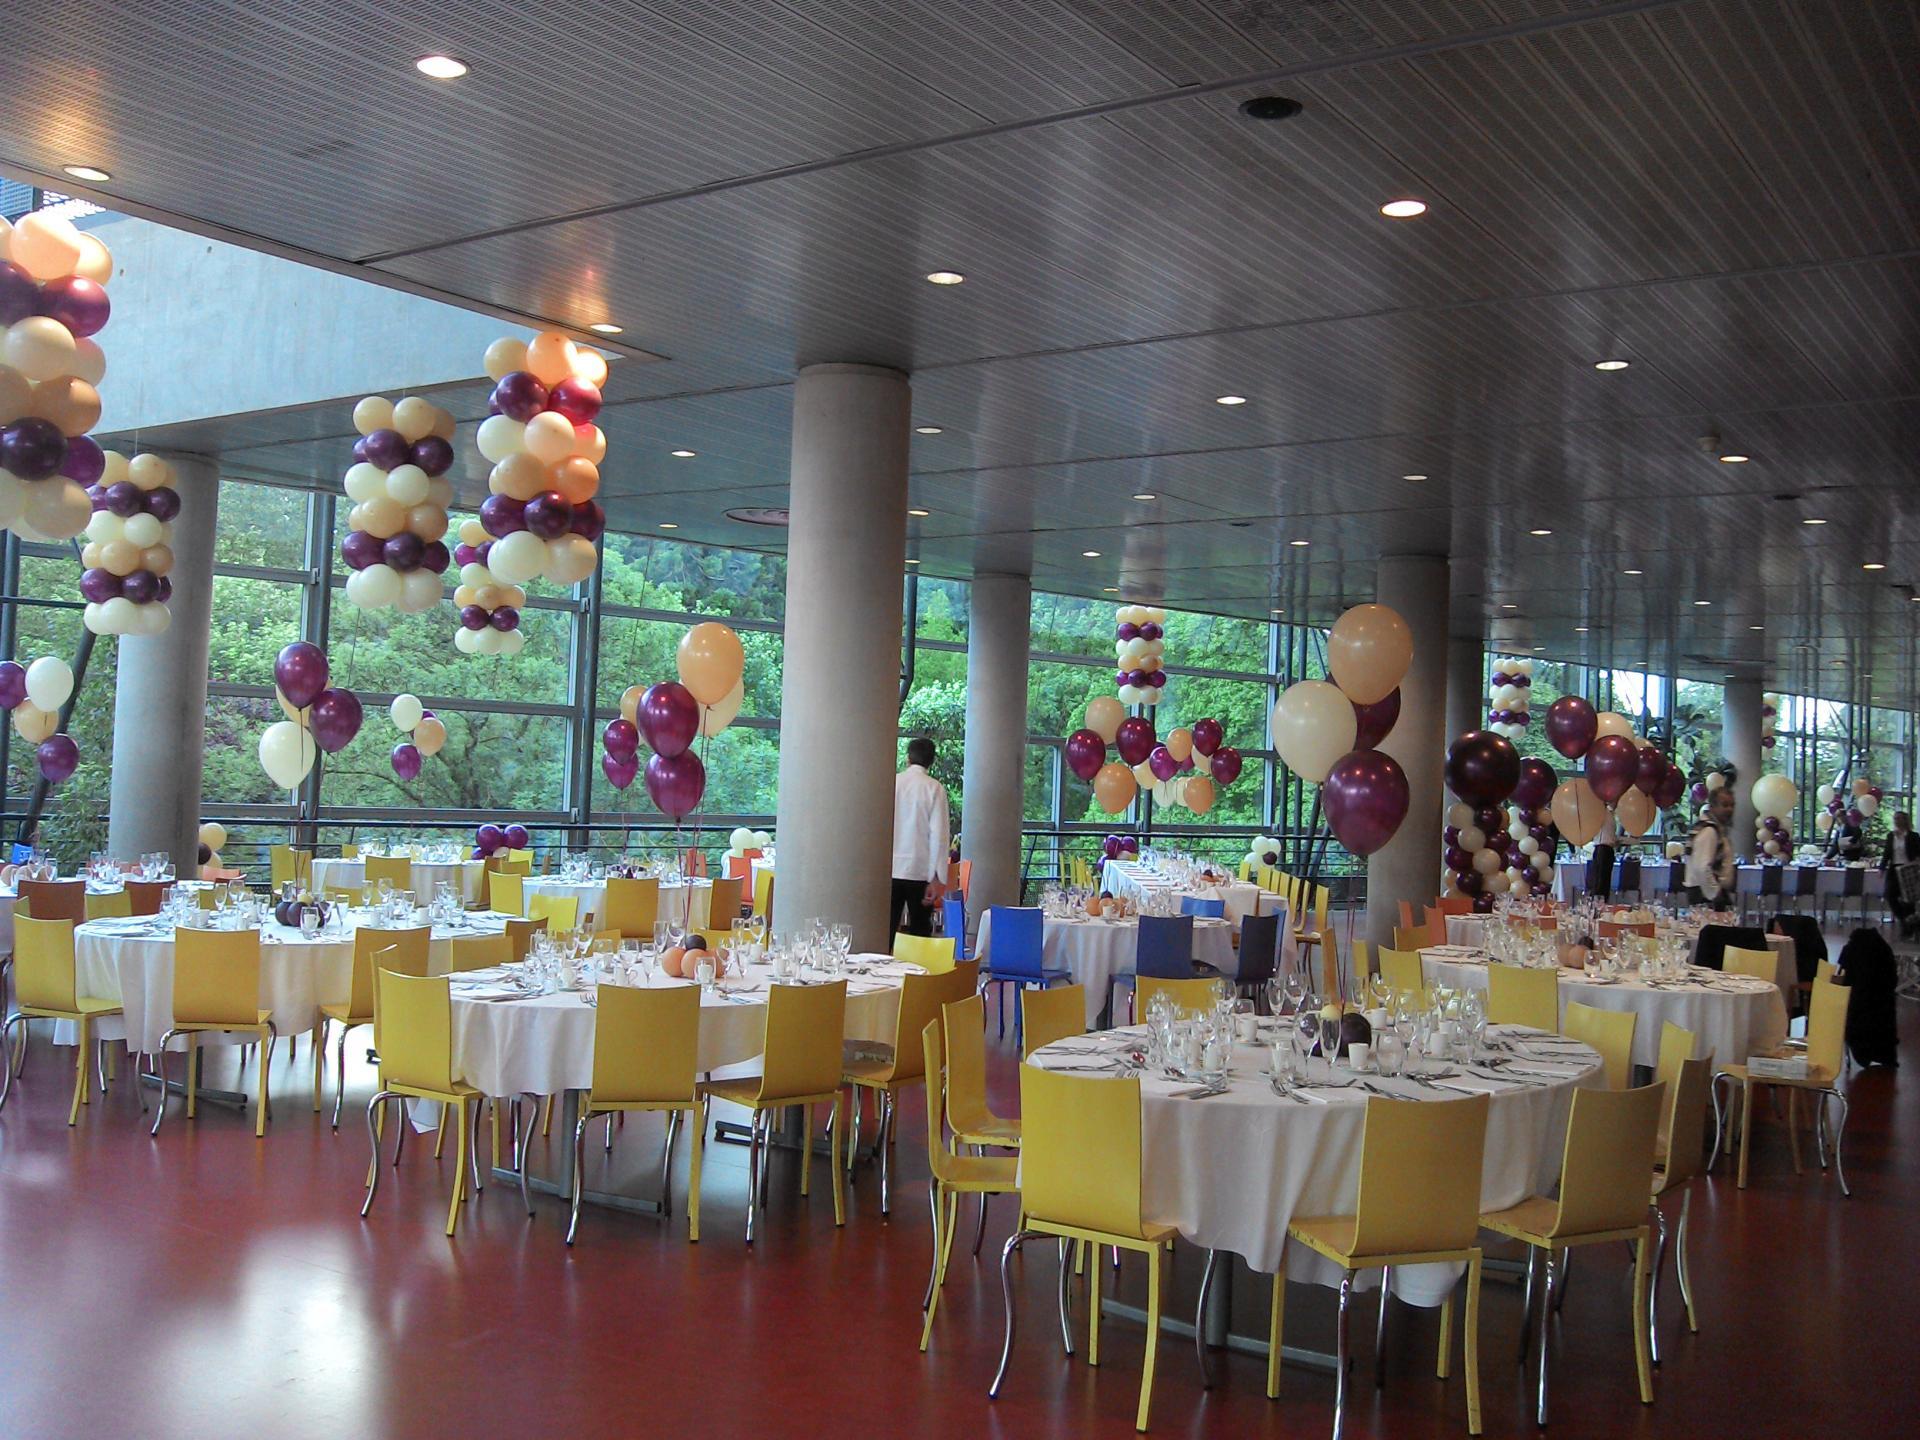 Décoration Ballons de salle ivoire, lin et bordeaux